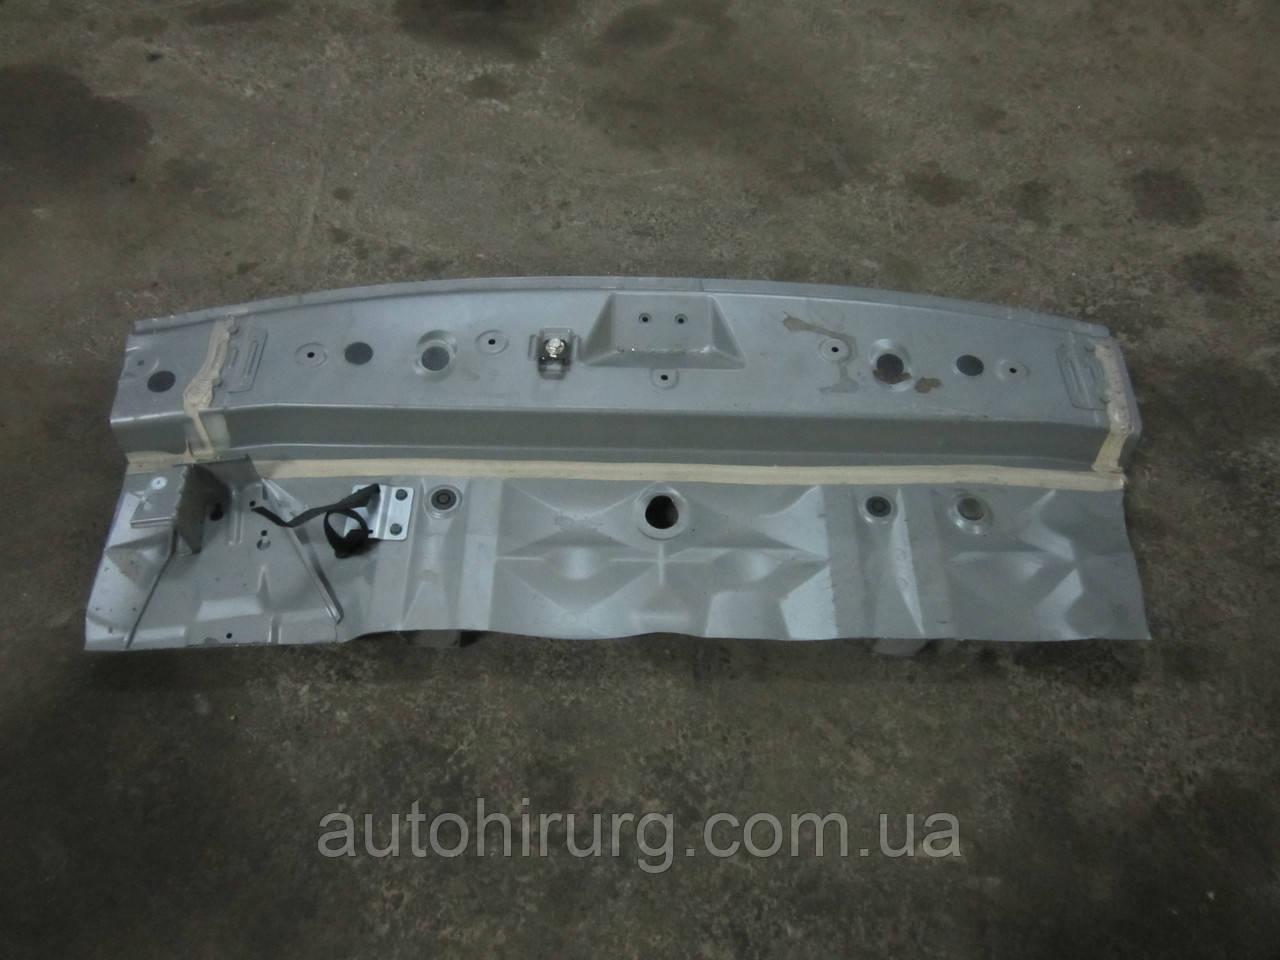 Задняя панель кузова Infiniti Qx56 / Qx80 - Z62, фото 1